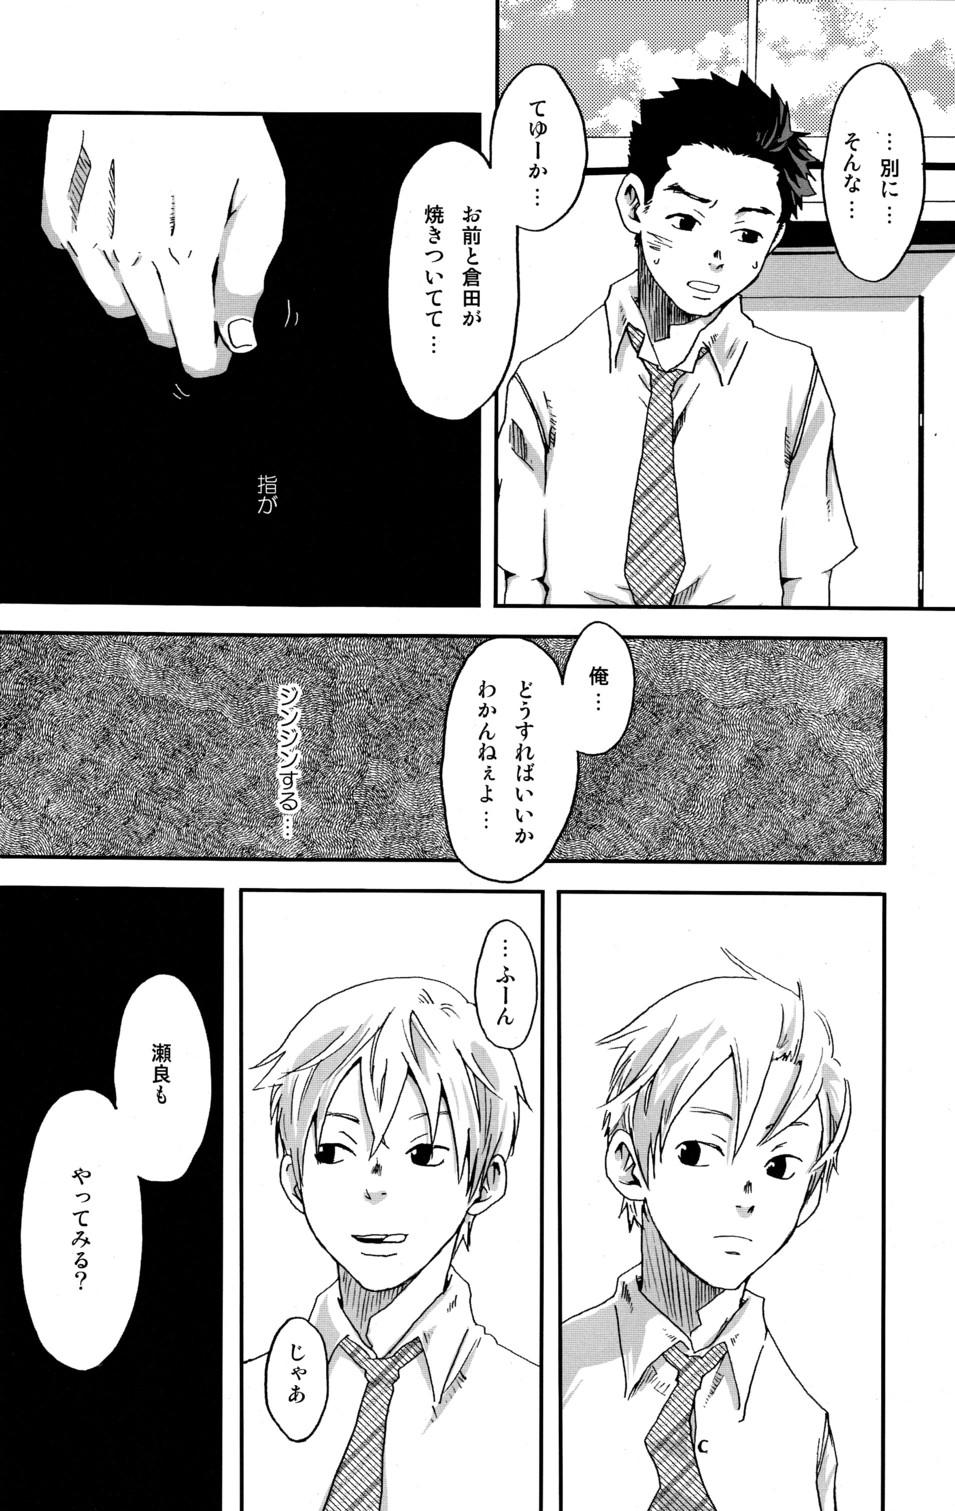 (C78) [Box (Tsukumo Gou)] 【19号(つくも号)】そう言って君は笑うSou Itte Kimi wa Warau 19